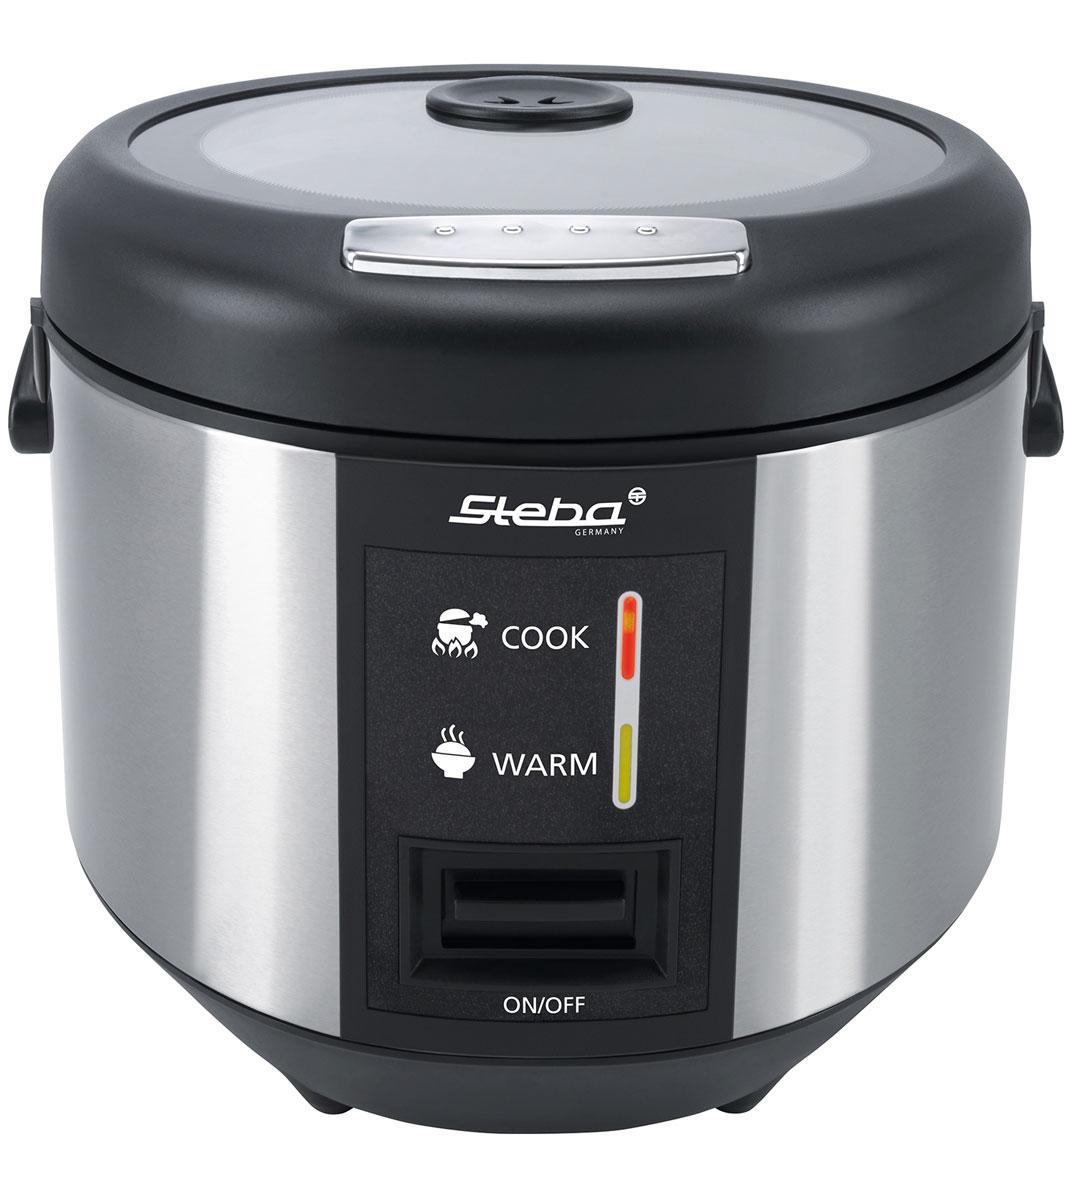 Steba RK 3, Black Silver рисоваркаRK 3Многофункциональная рисоварка Steba RK3 позволяет приготовить не только рис, но и другие продукты на пару (например овощи или рыбу). Прибор имеет большую емкость, а также функцию поддержания тепла. Удобство в повседневном использовании обеспечивается наличием стеклянной крышки с фиксирующим замком, паровым клапаном и надежным антипригарным покрытием.